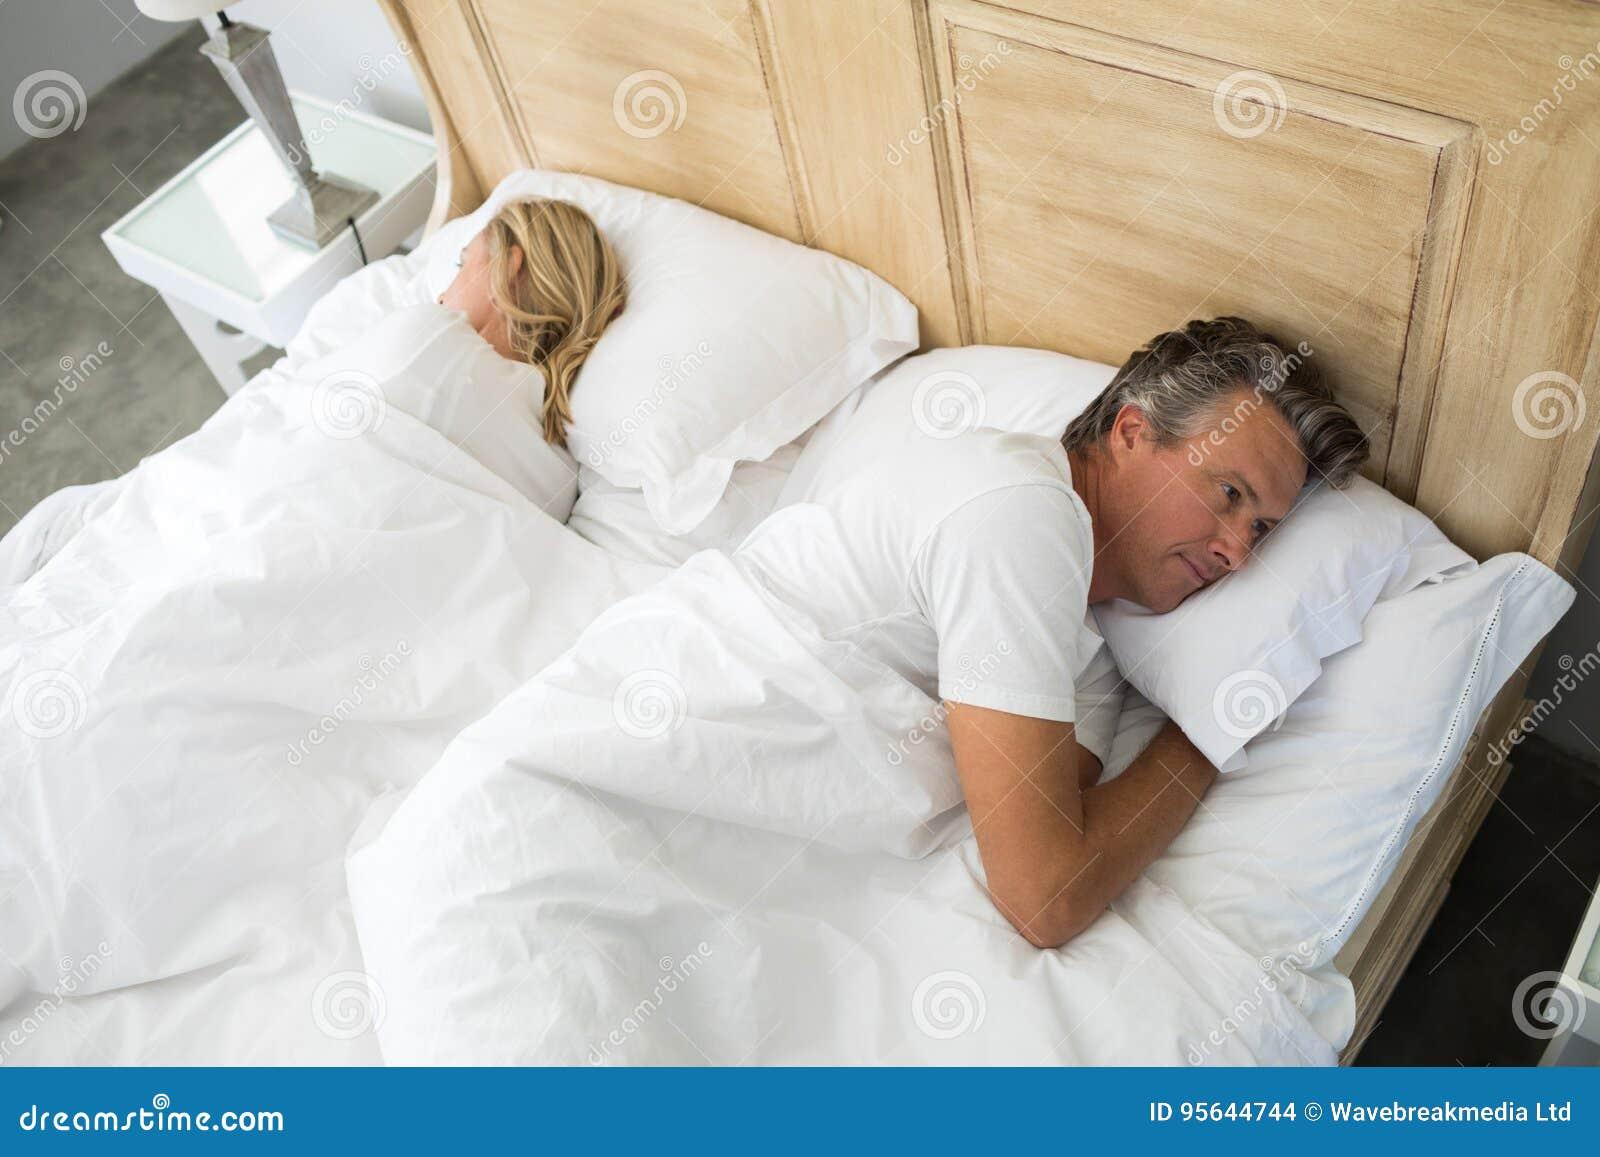 Acople o encontro na cama em seguida que tem um argumento